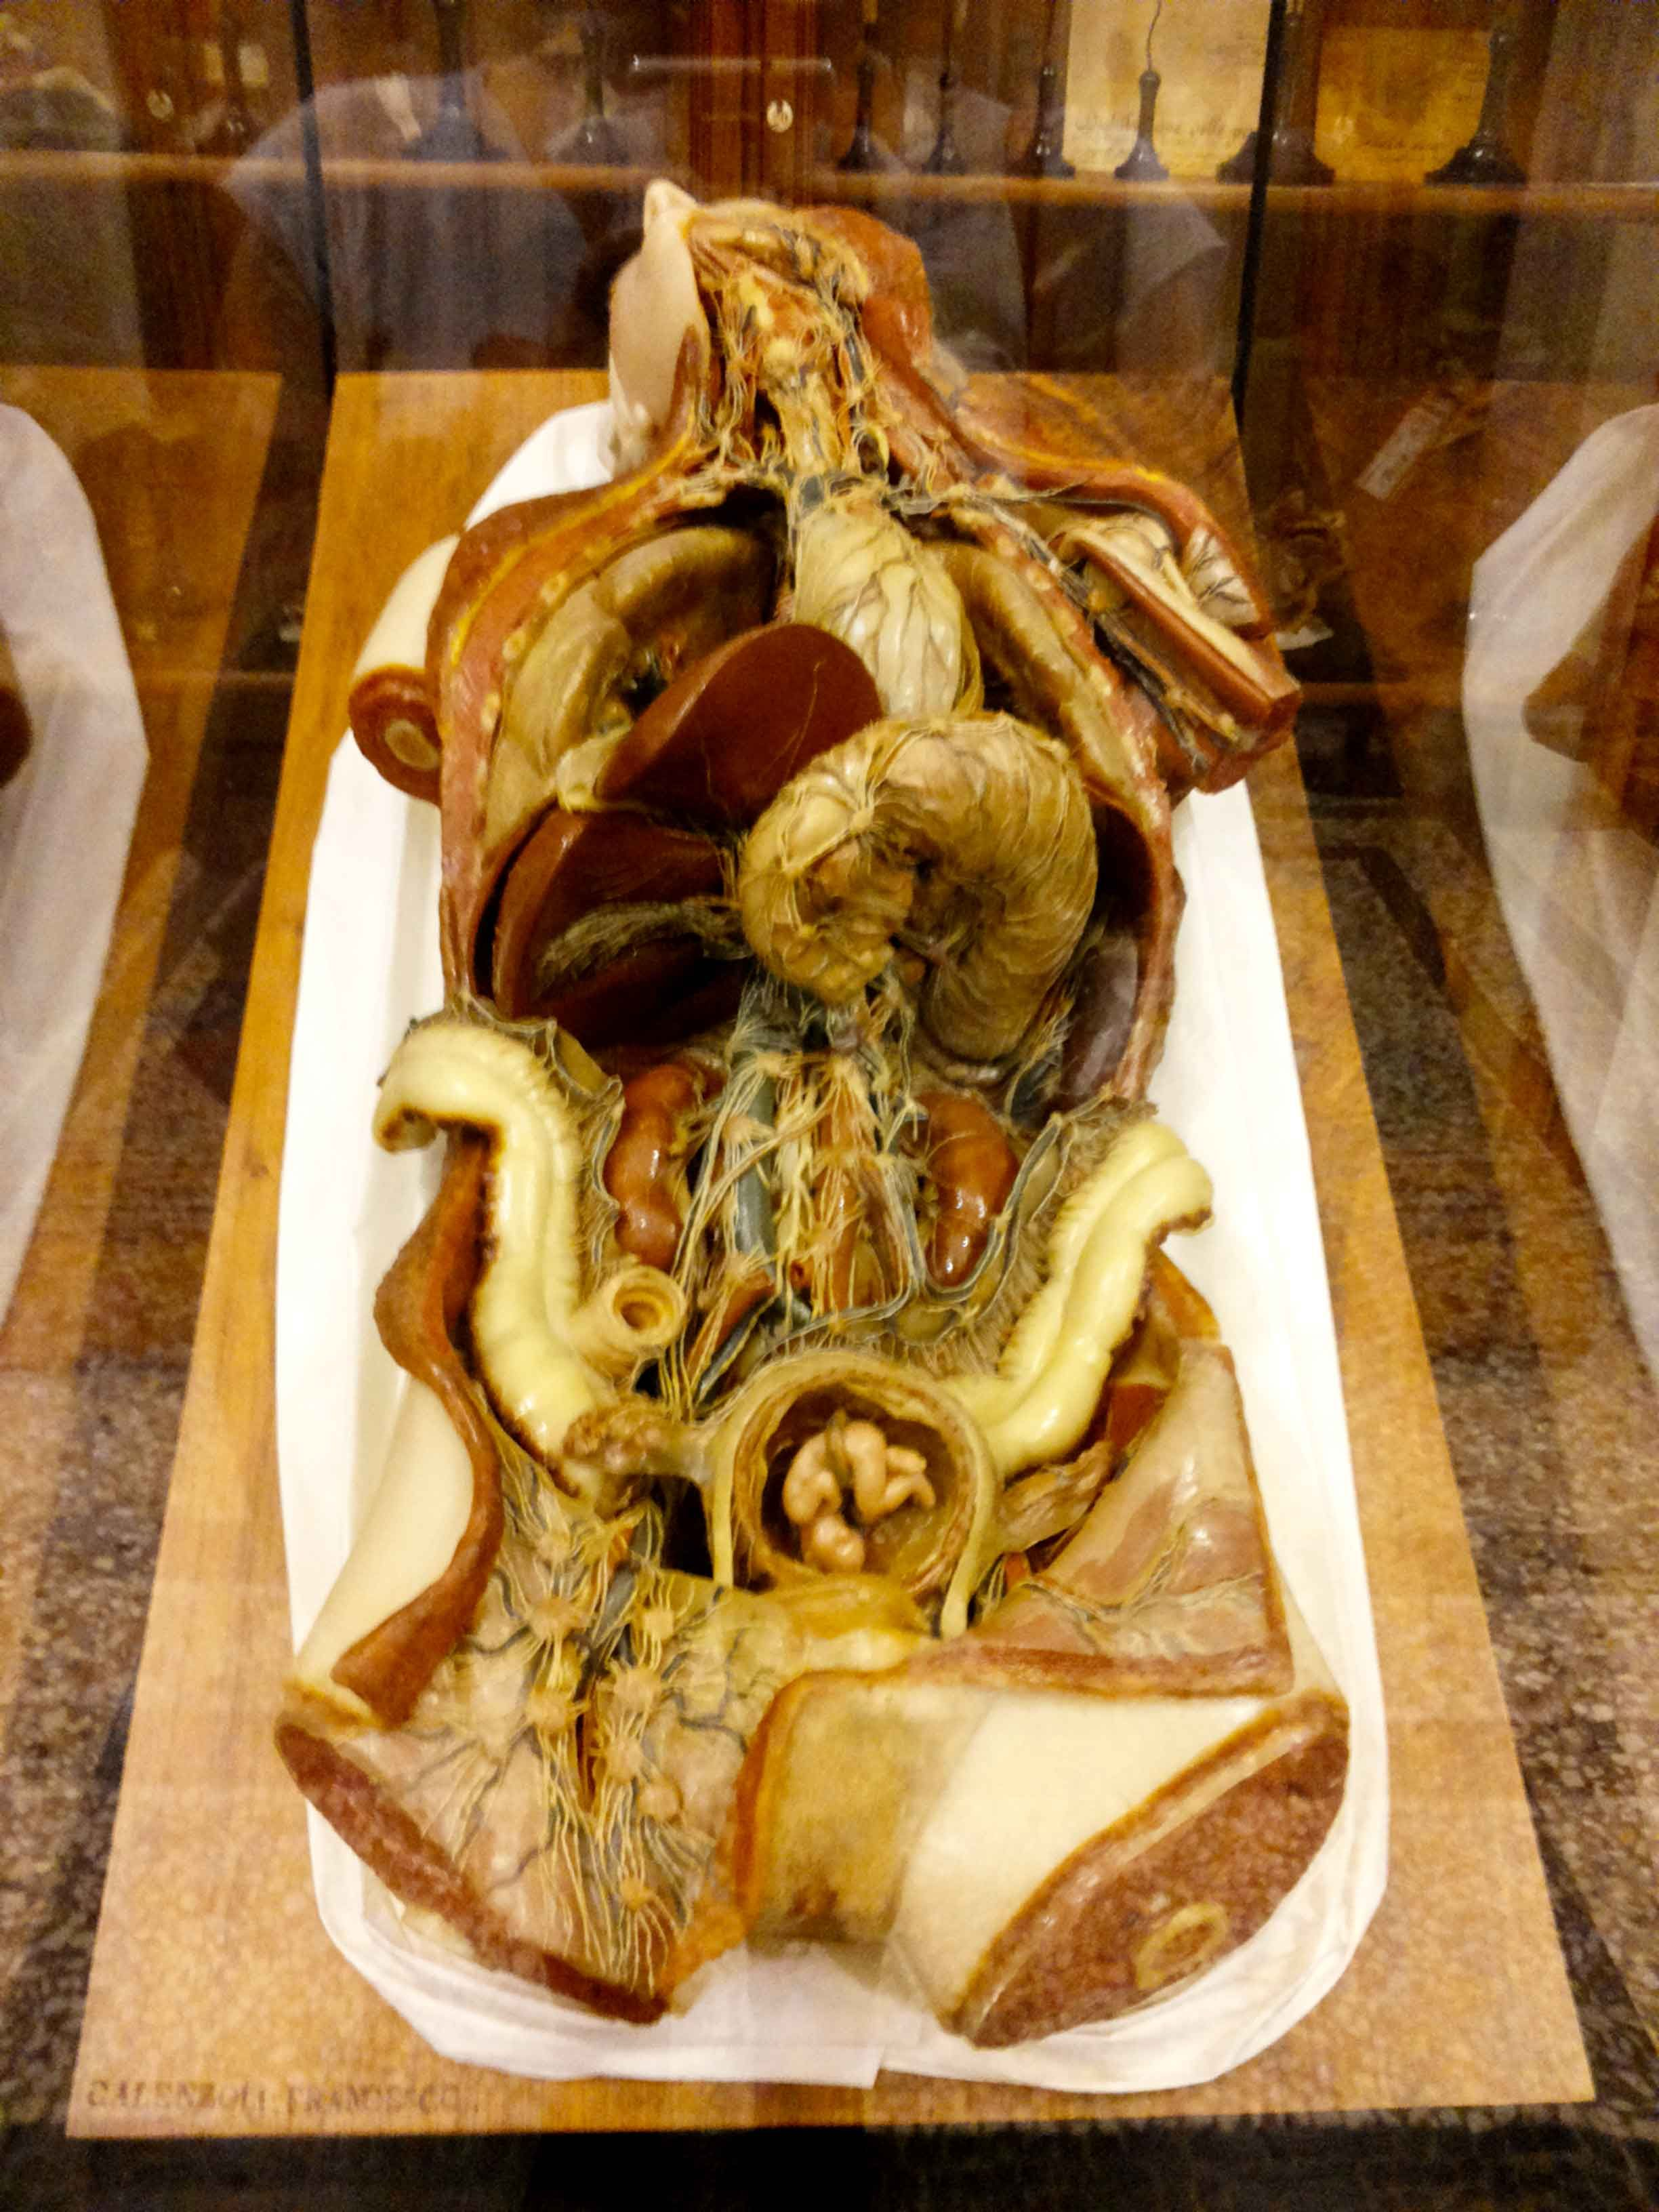 Museo Di Anatomia Umana Di Torino Others Anatomy Human Anatomy